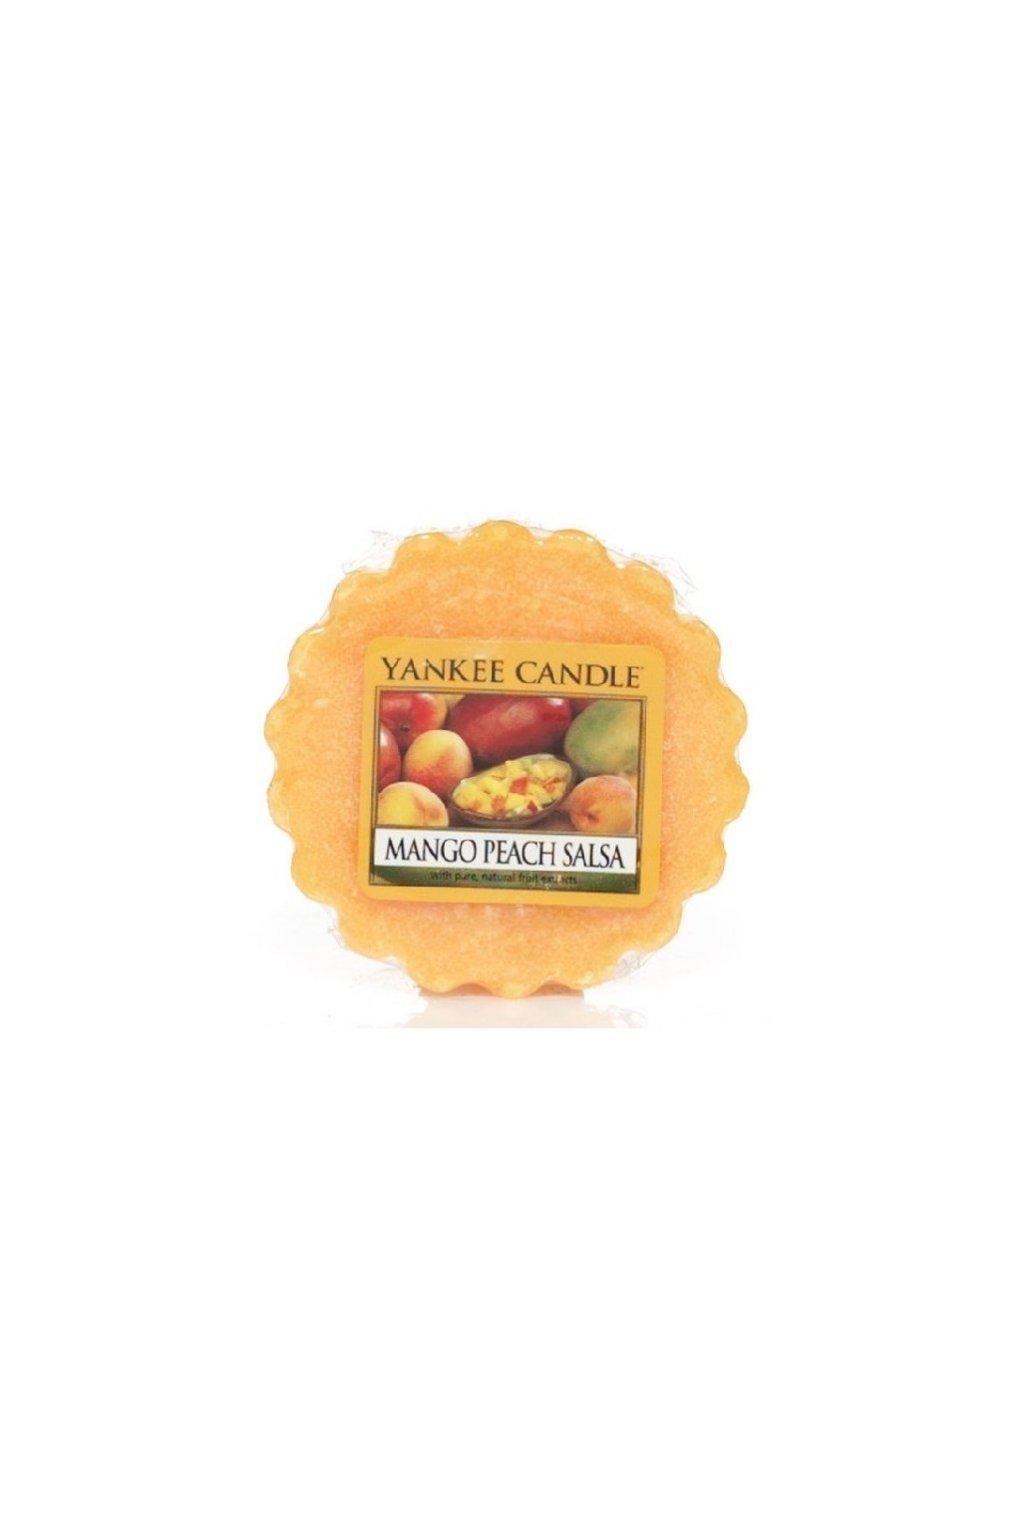 mangopeach